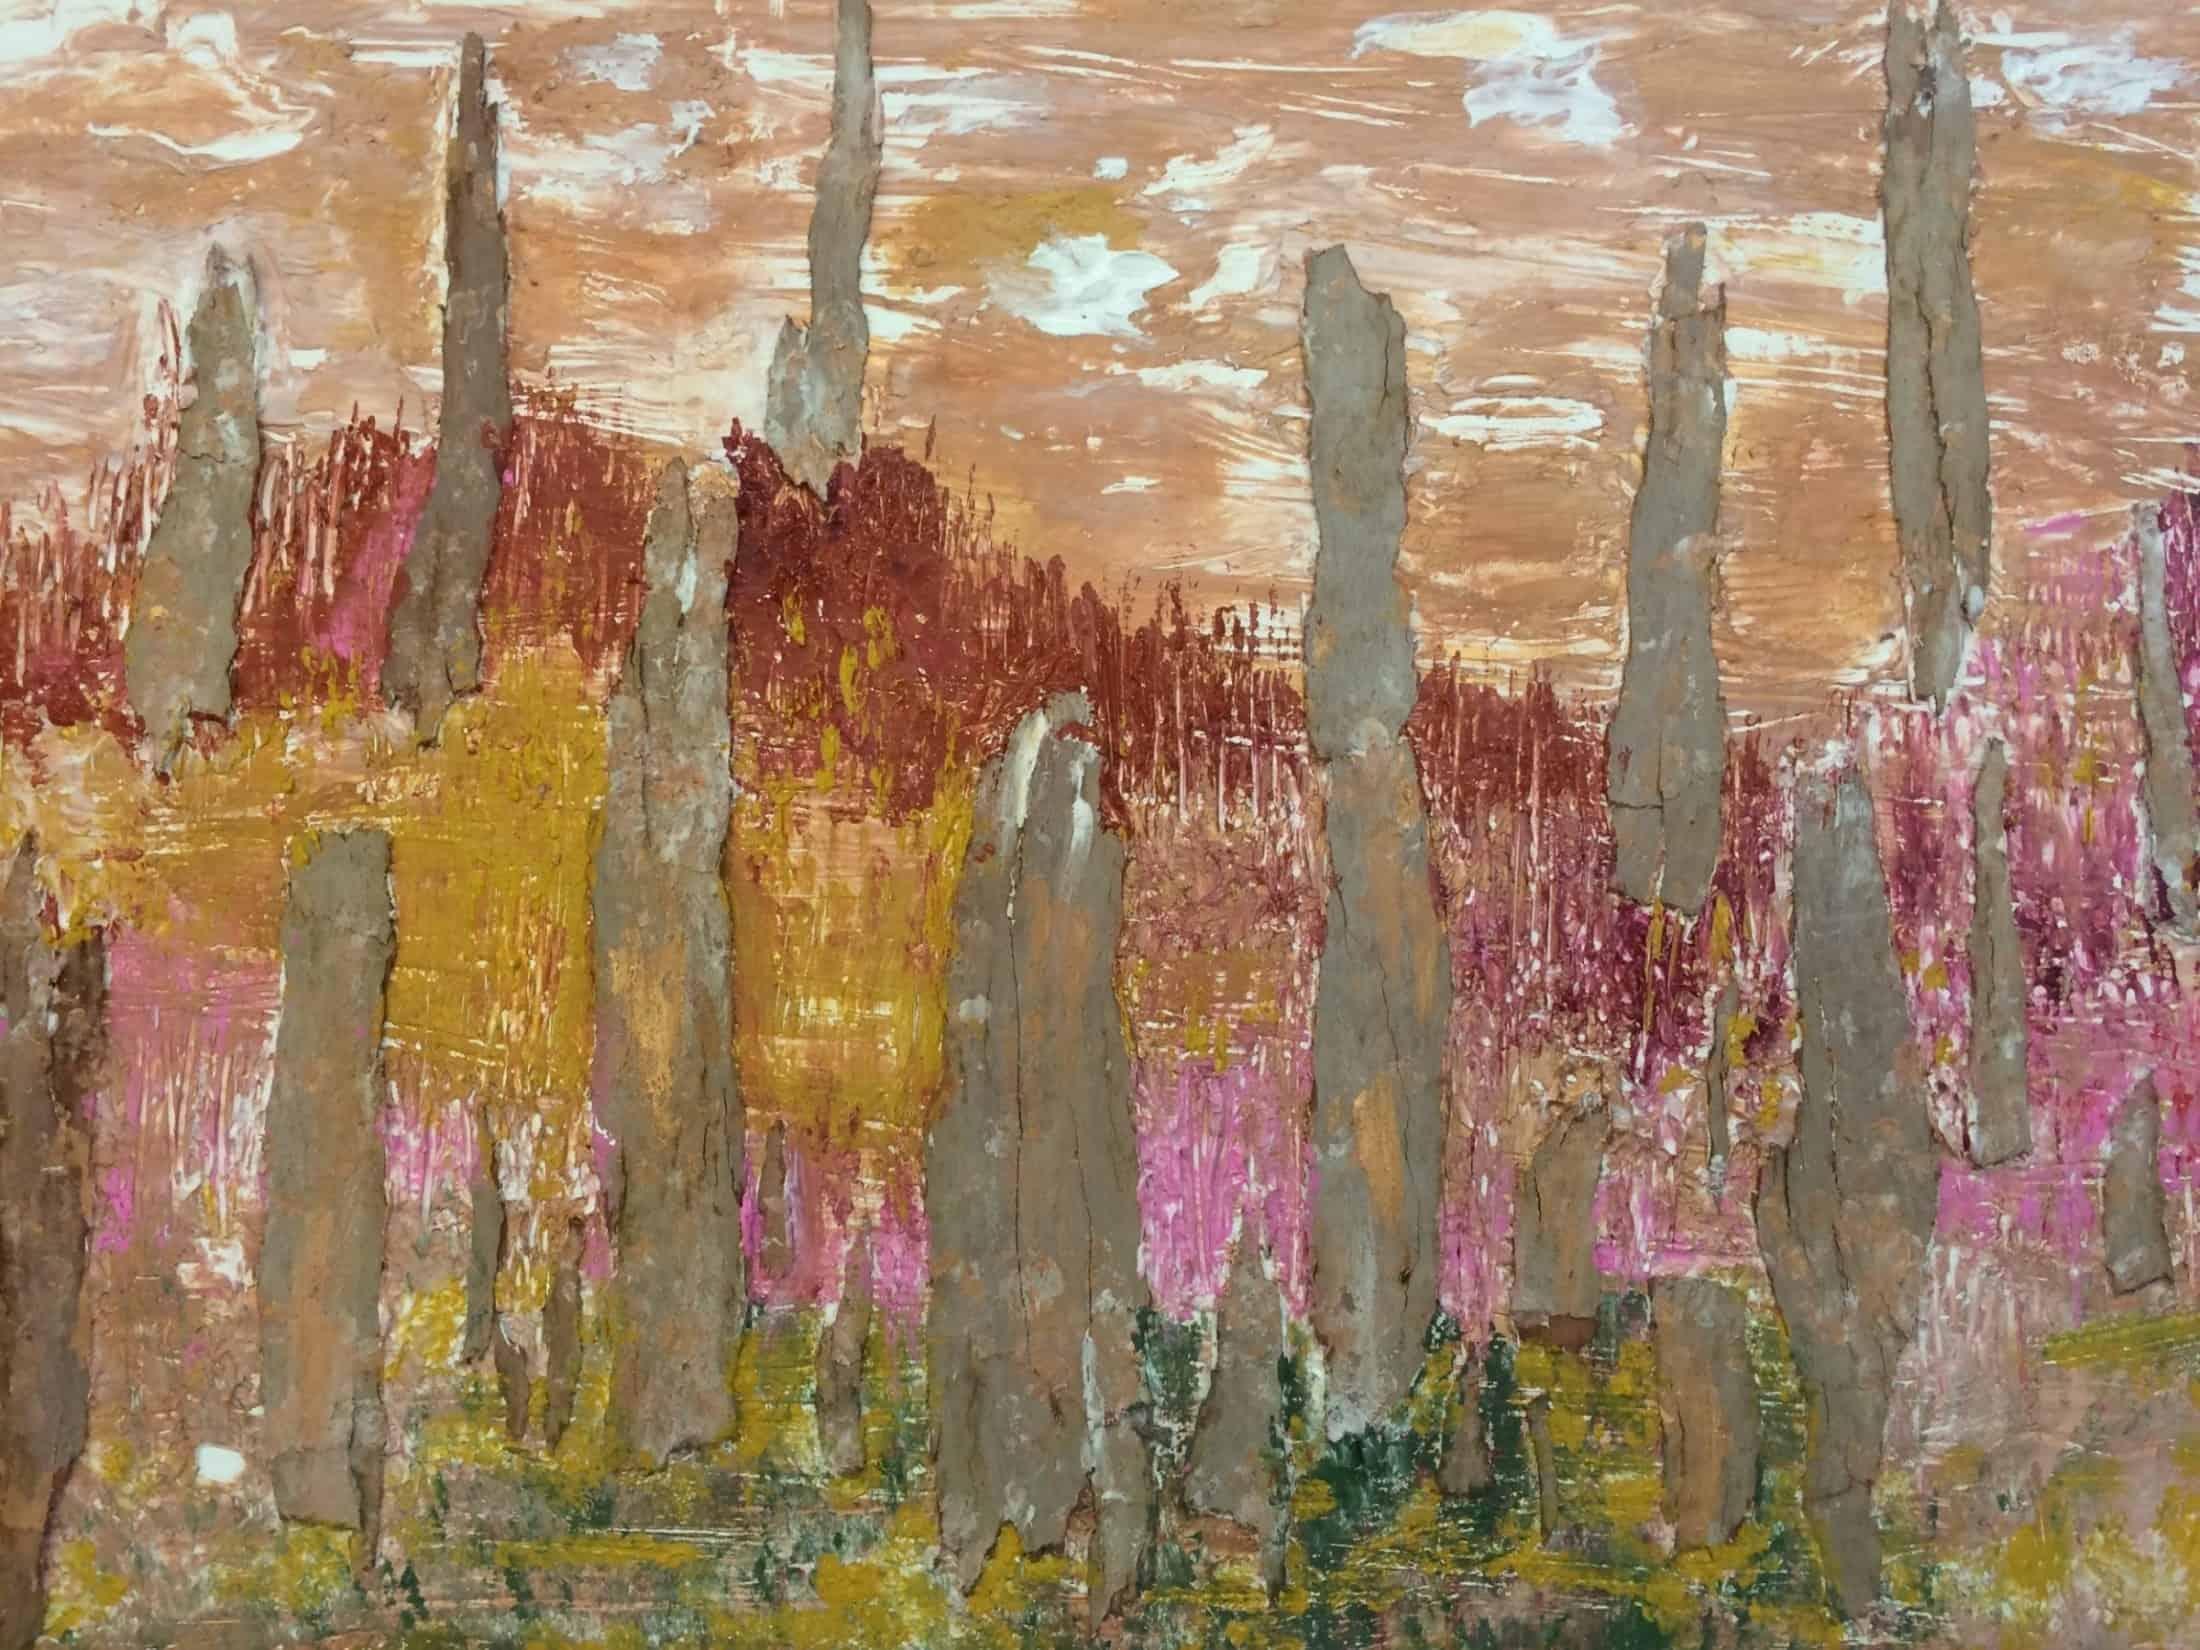 קניון רמת אביב מציג תערוכת אמנים לחודש אוקטובר. האמנית לאה צבעוני. צילום...